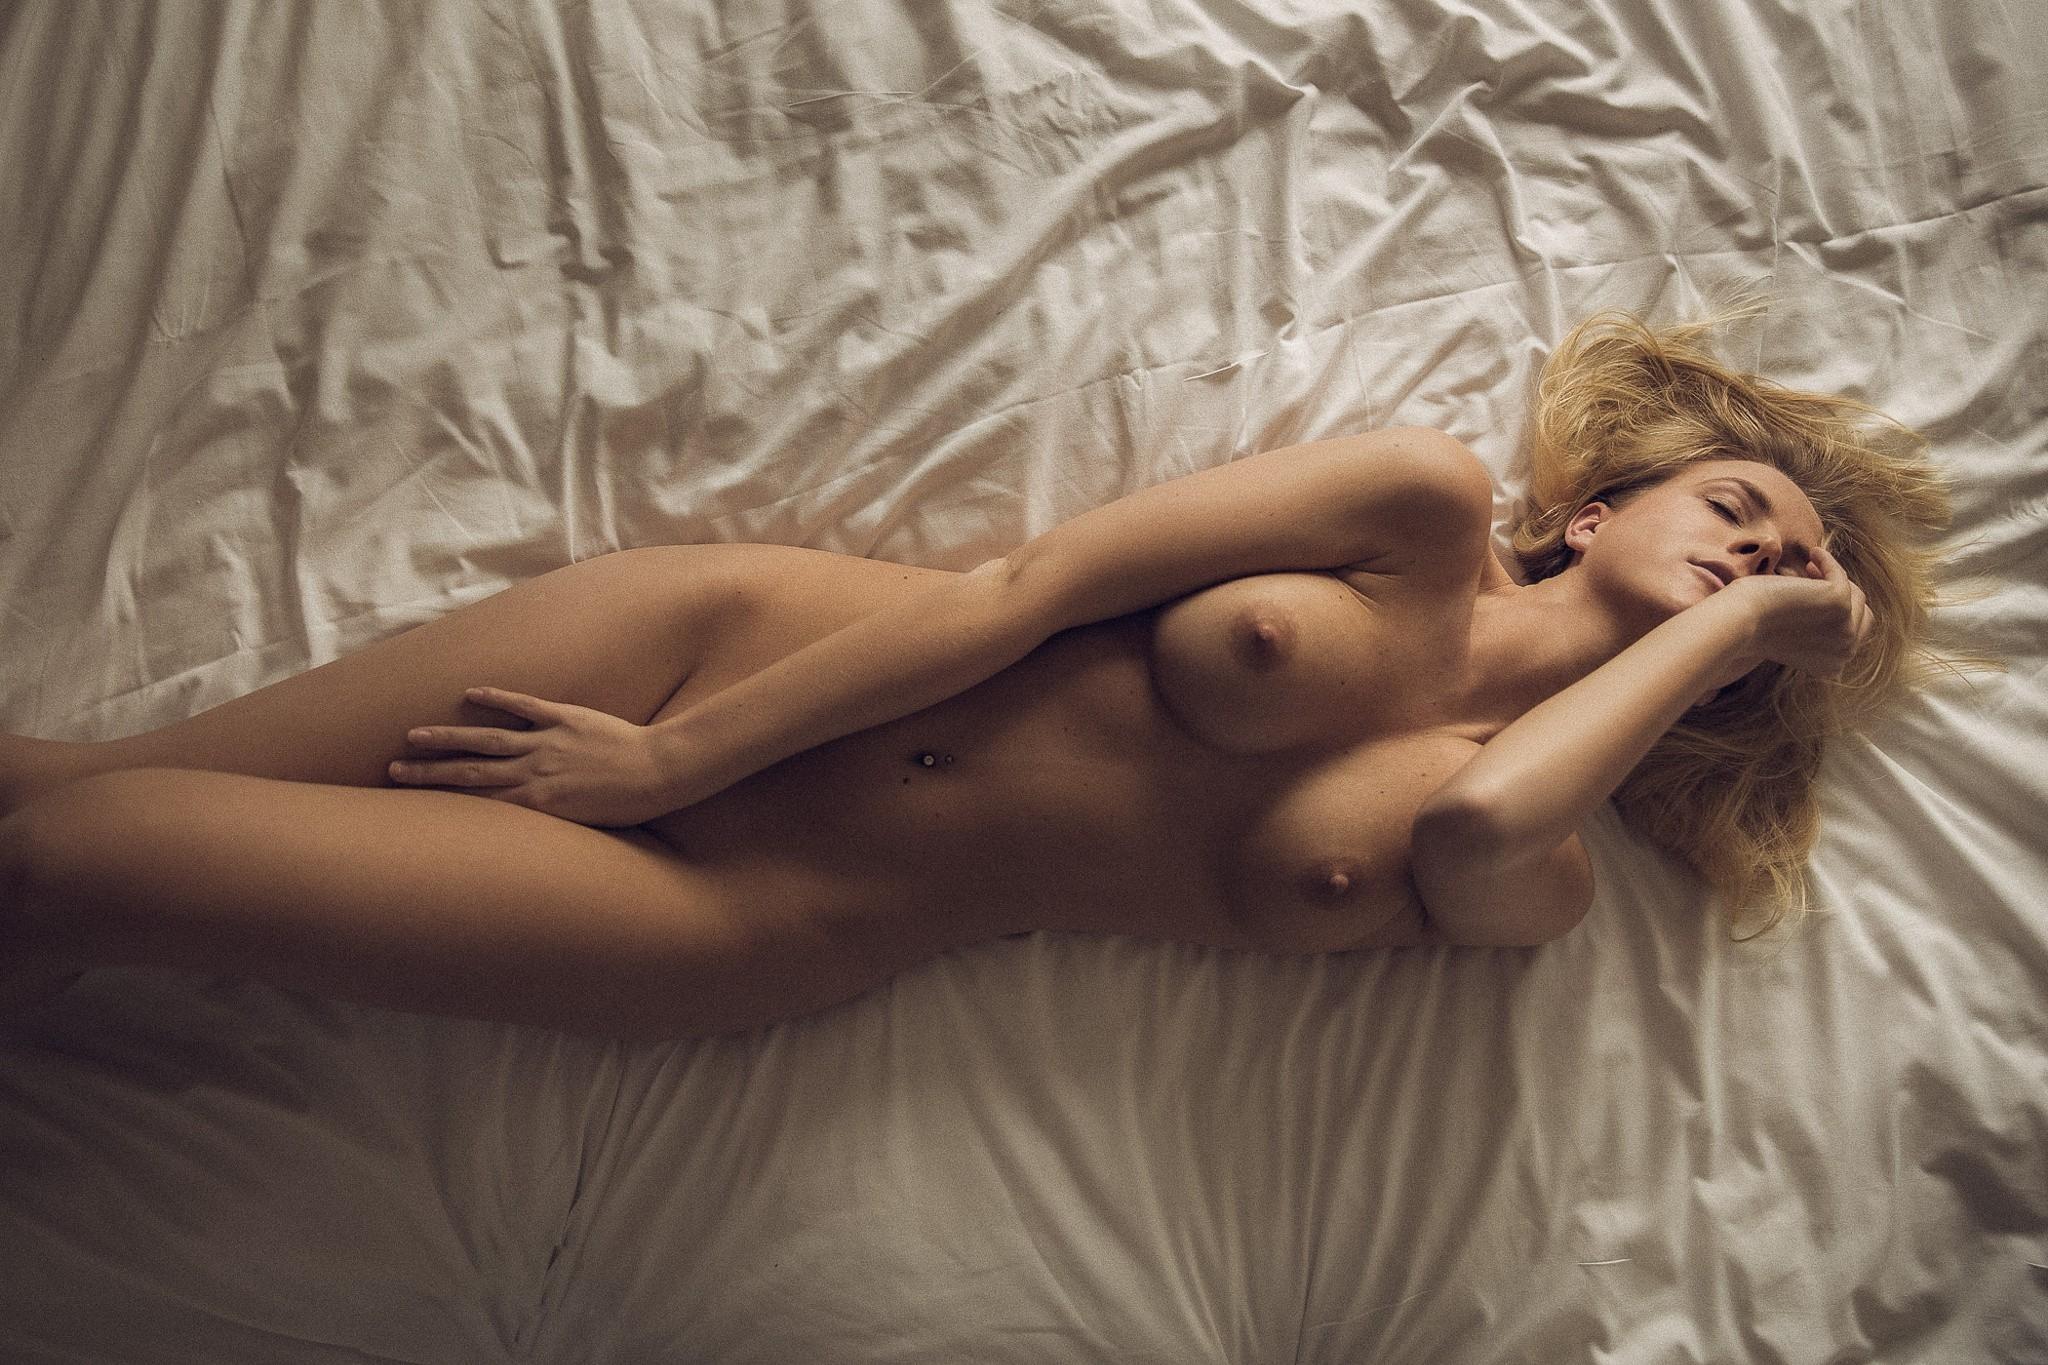 Фото Обнаженна блондинка в постели, сексуальное тело, возбуждение, соблазн, классные сиськи, рука между ног, скачать картинку бесплатно